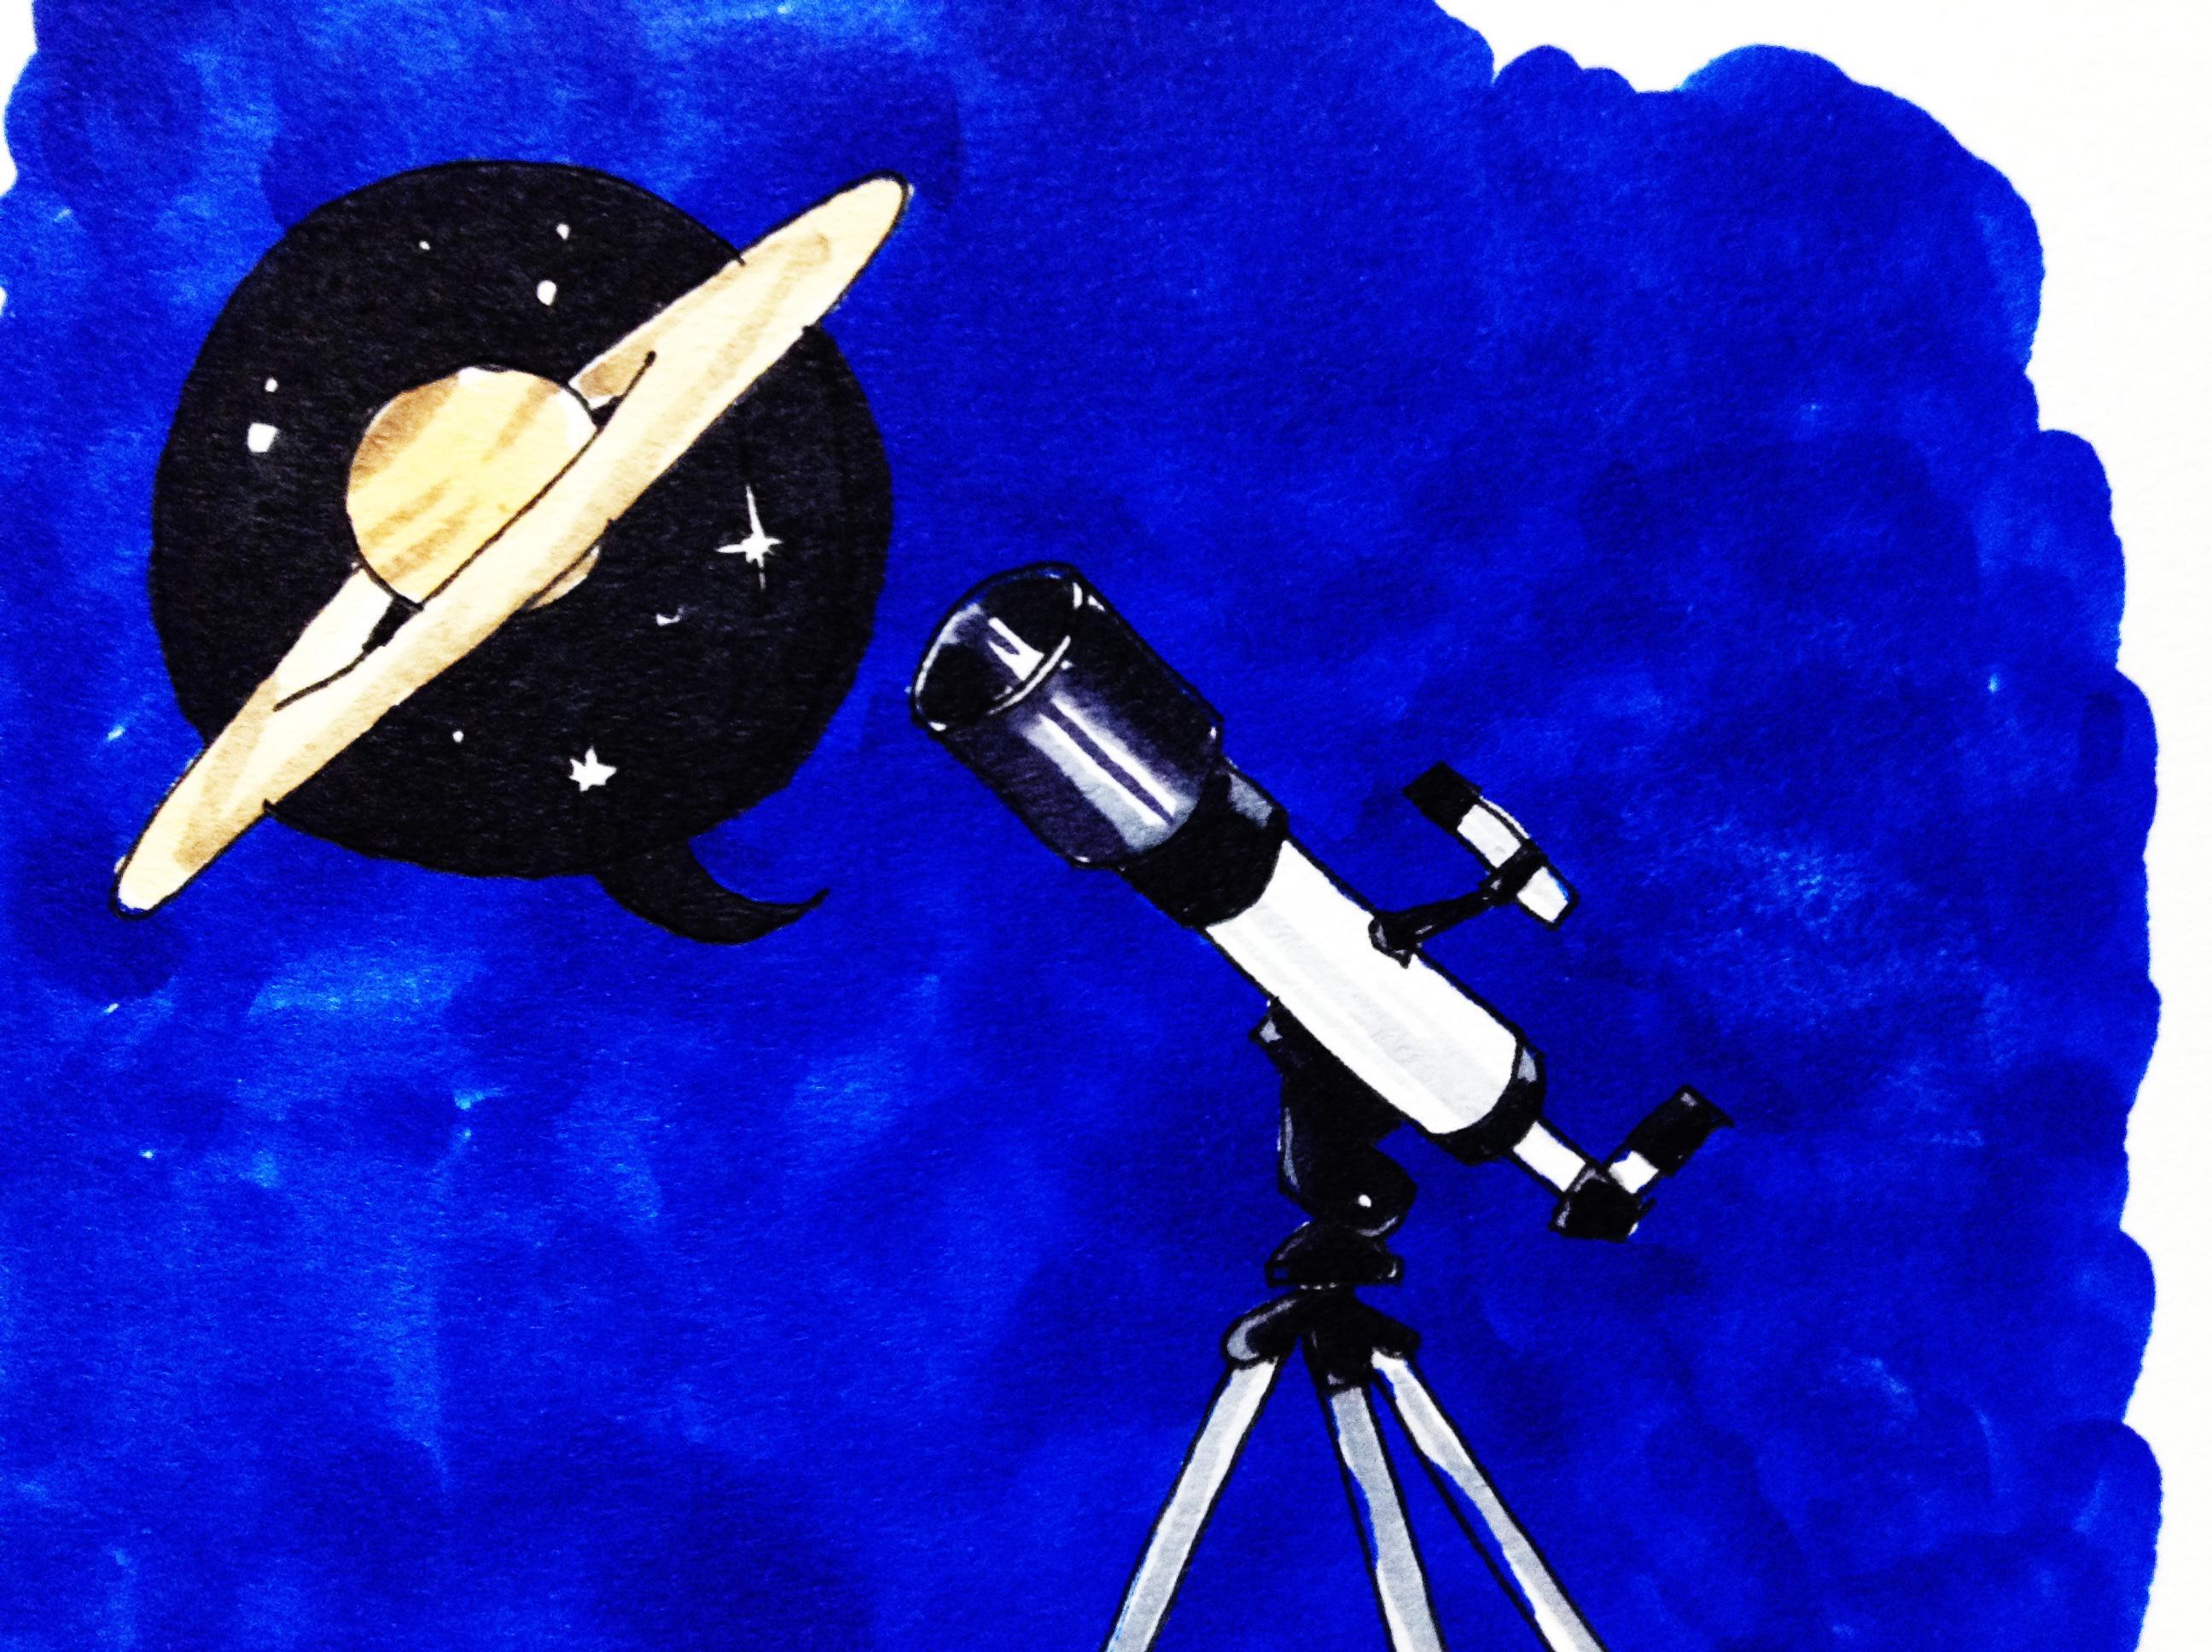 天文台の望遠鏡で土星を観測した思い出のイメージをコピックマーカーで描いたイラスト